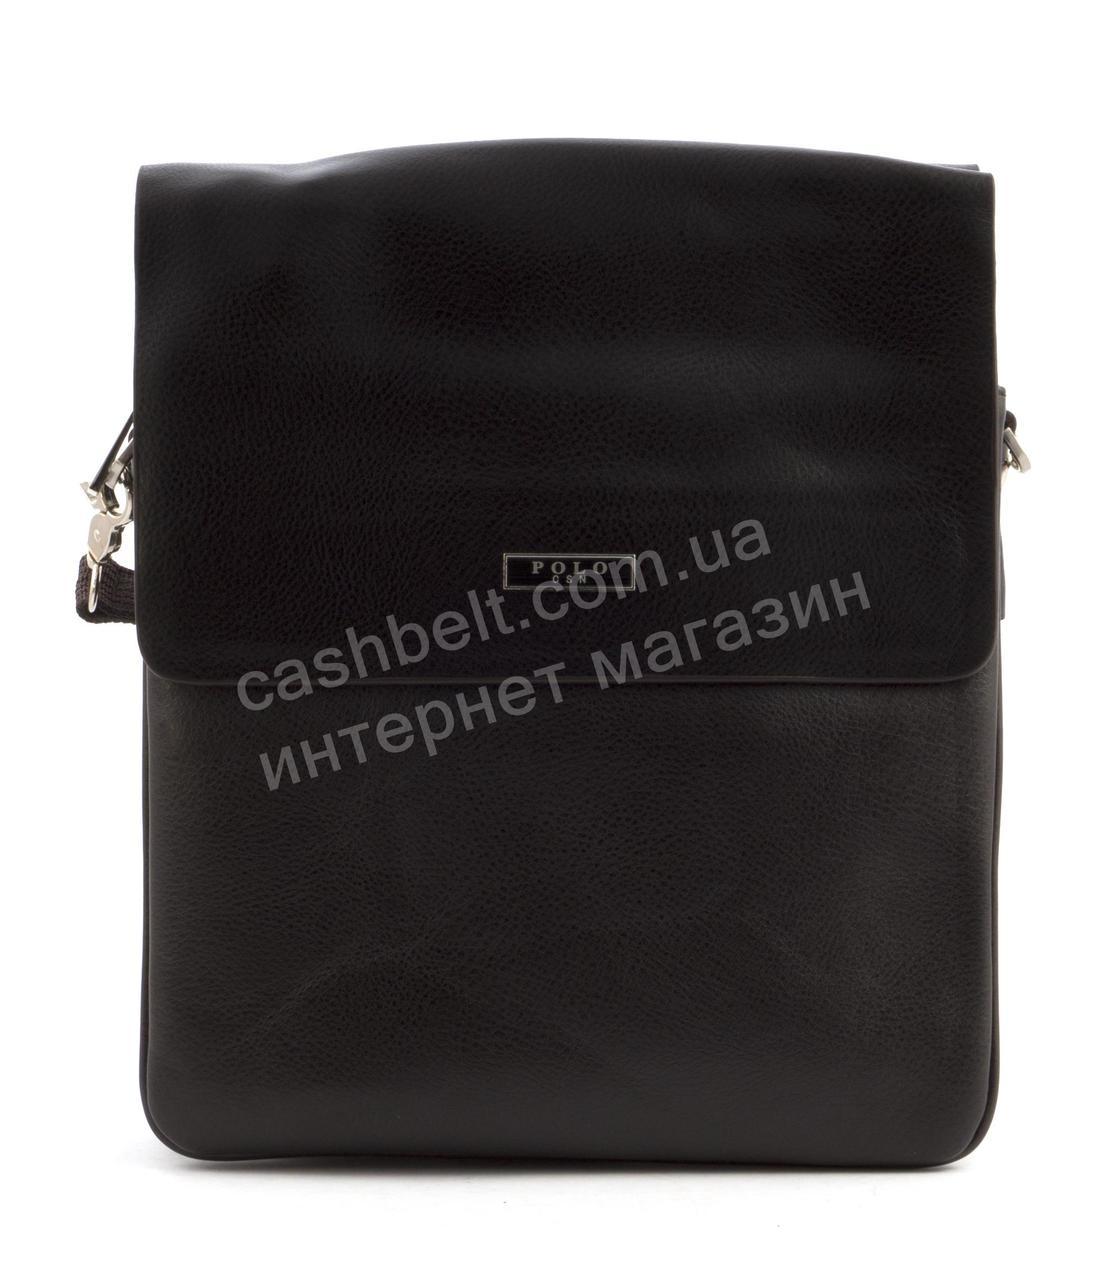 Качественная мужская вместительная сумка с прочной PU кожи POLO art. TP86686-4 темно коричневая